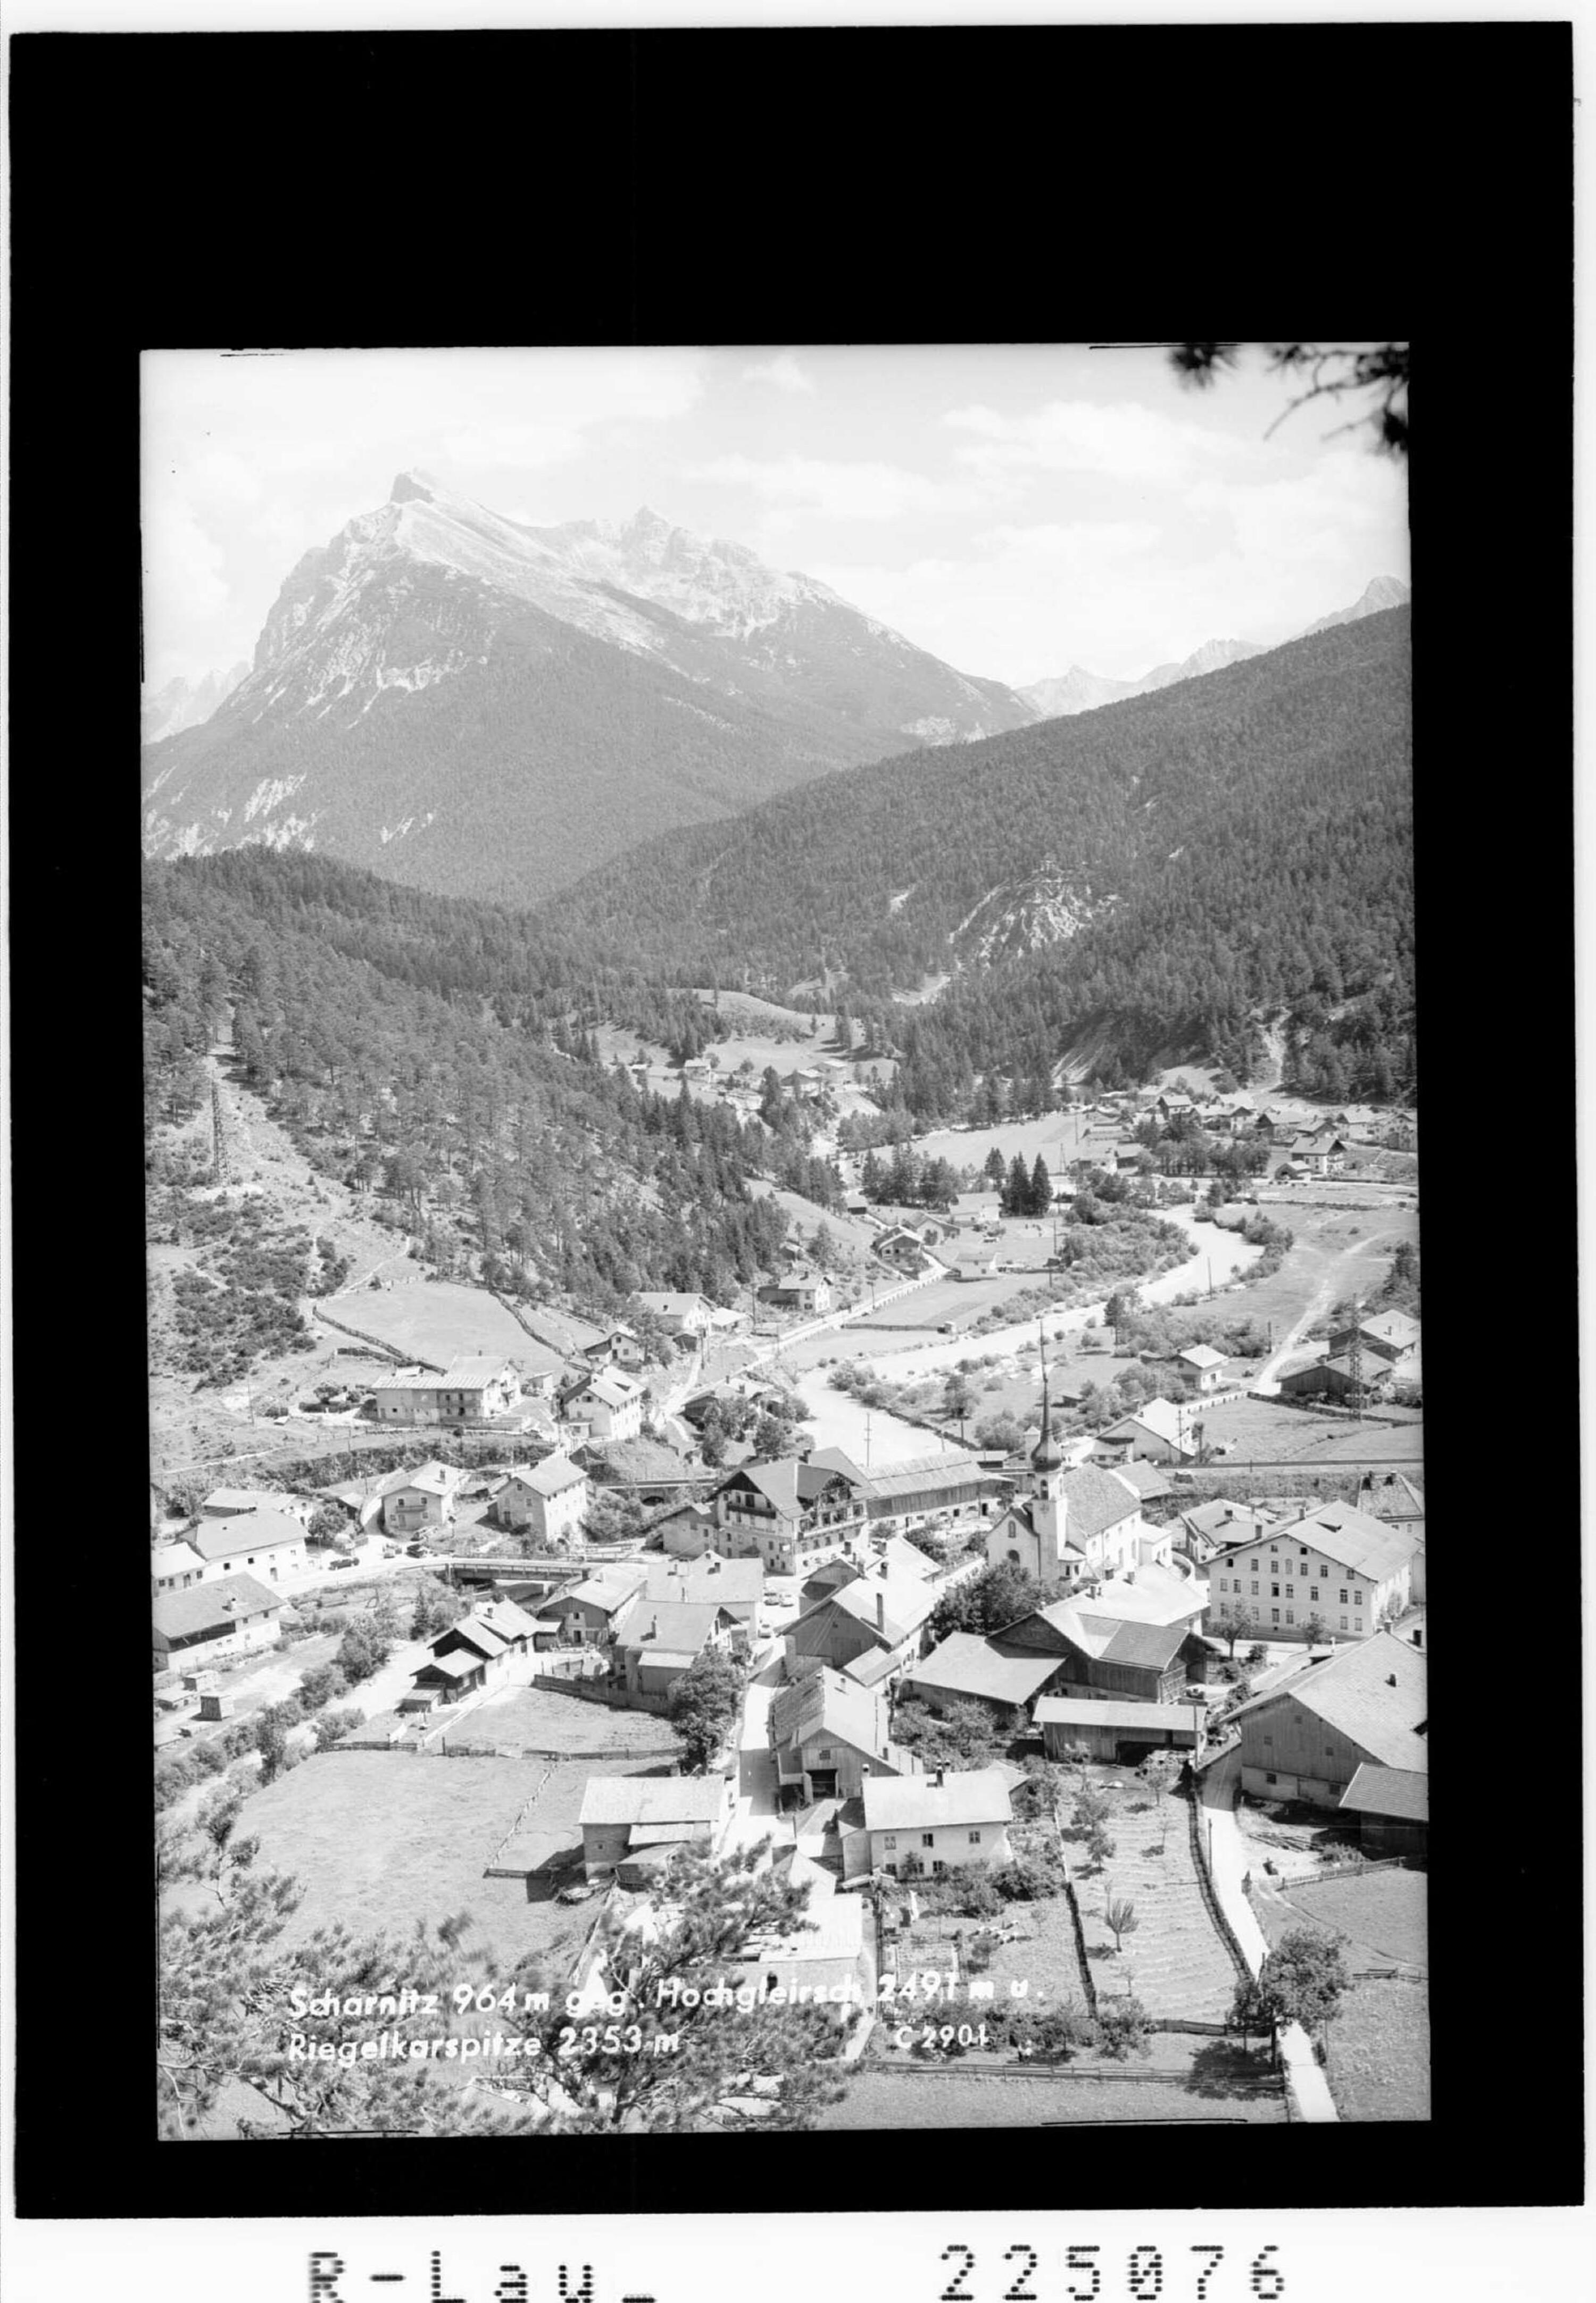 Scharnitz 964 m gegen Hochgleirsch 2491 m und Riegelkarspitze 2353 m von Wilhelm Stempfle